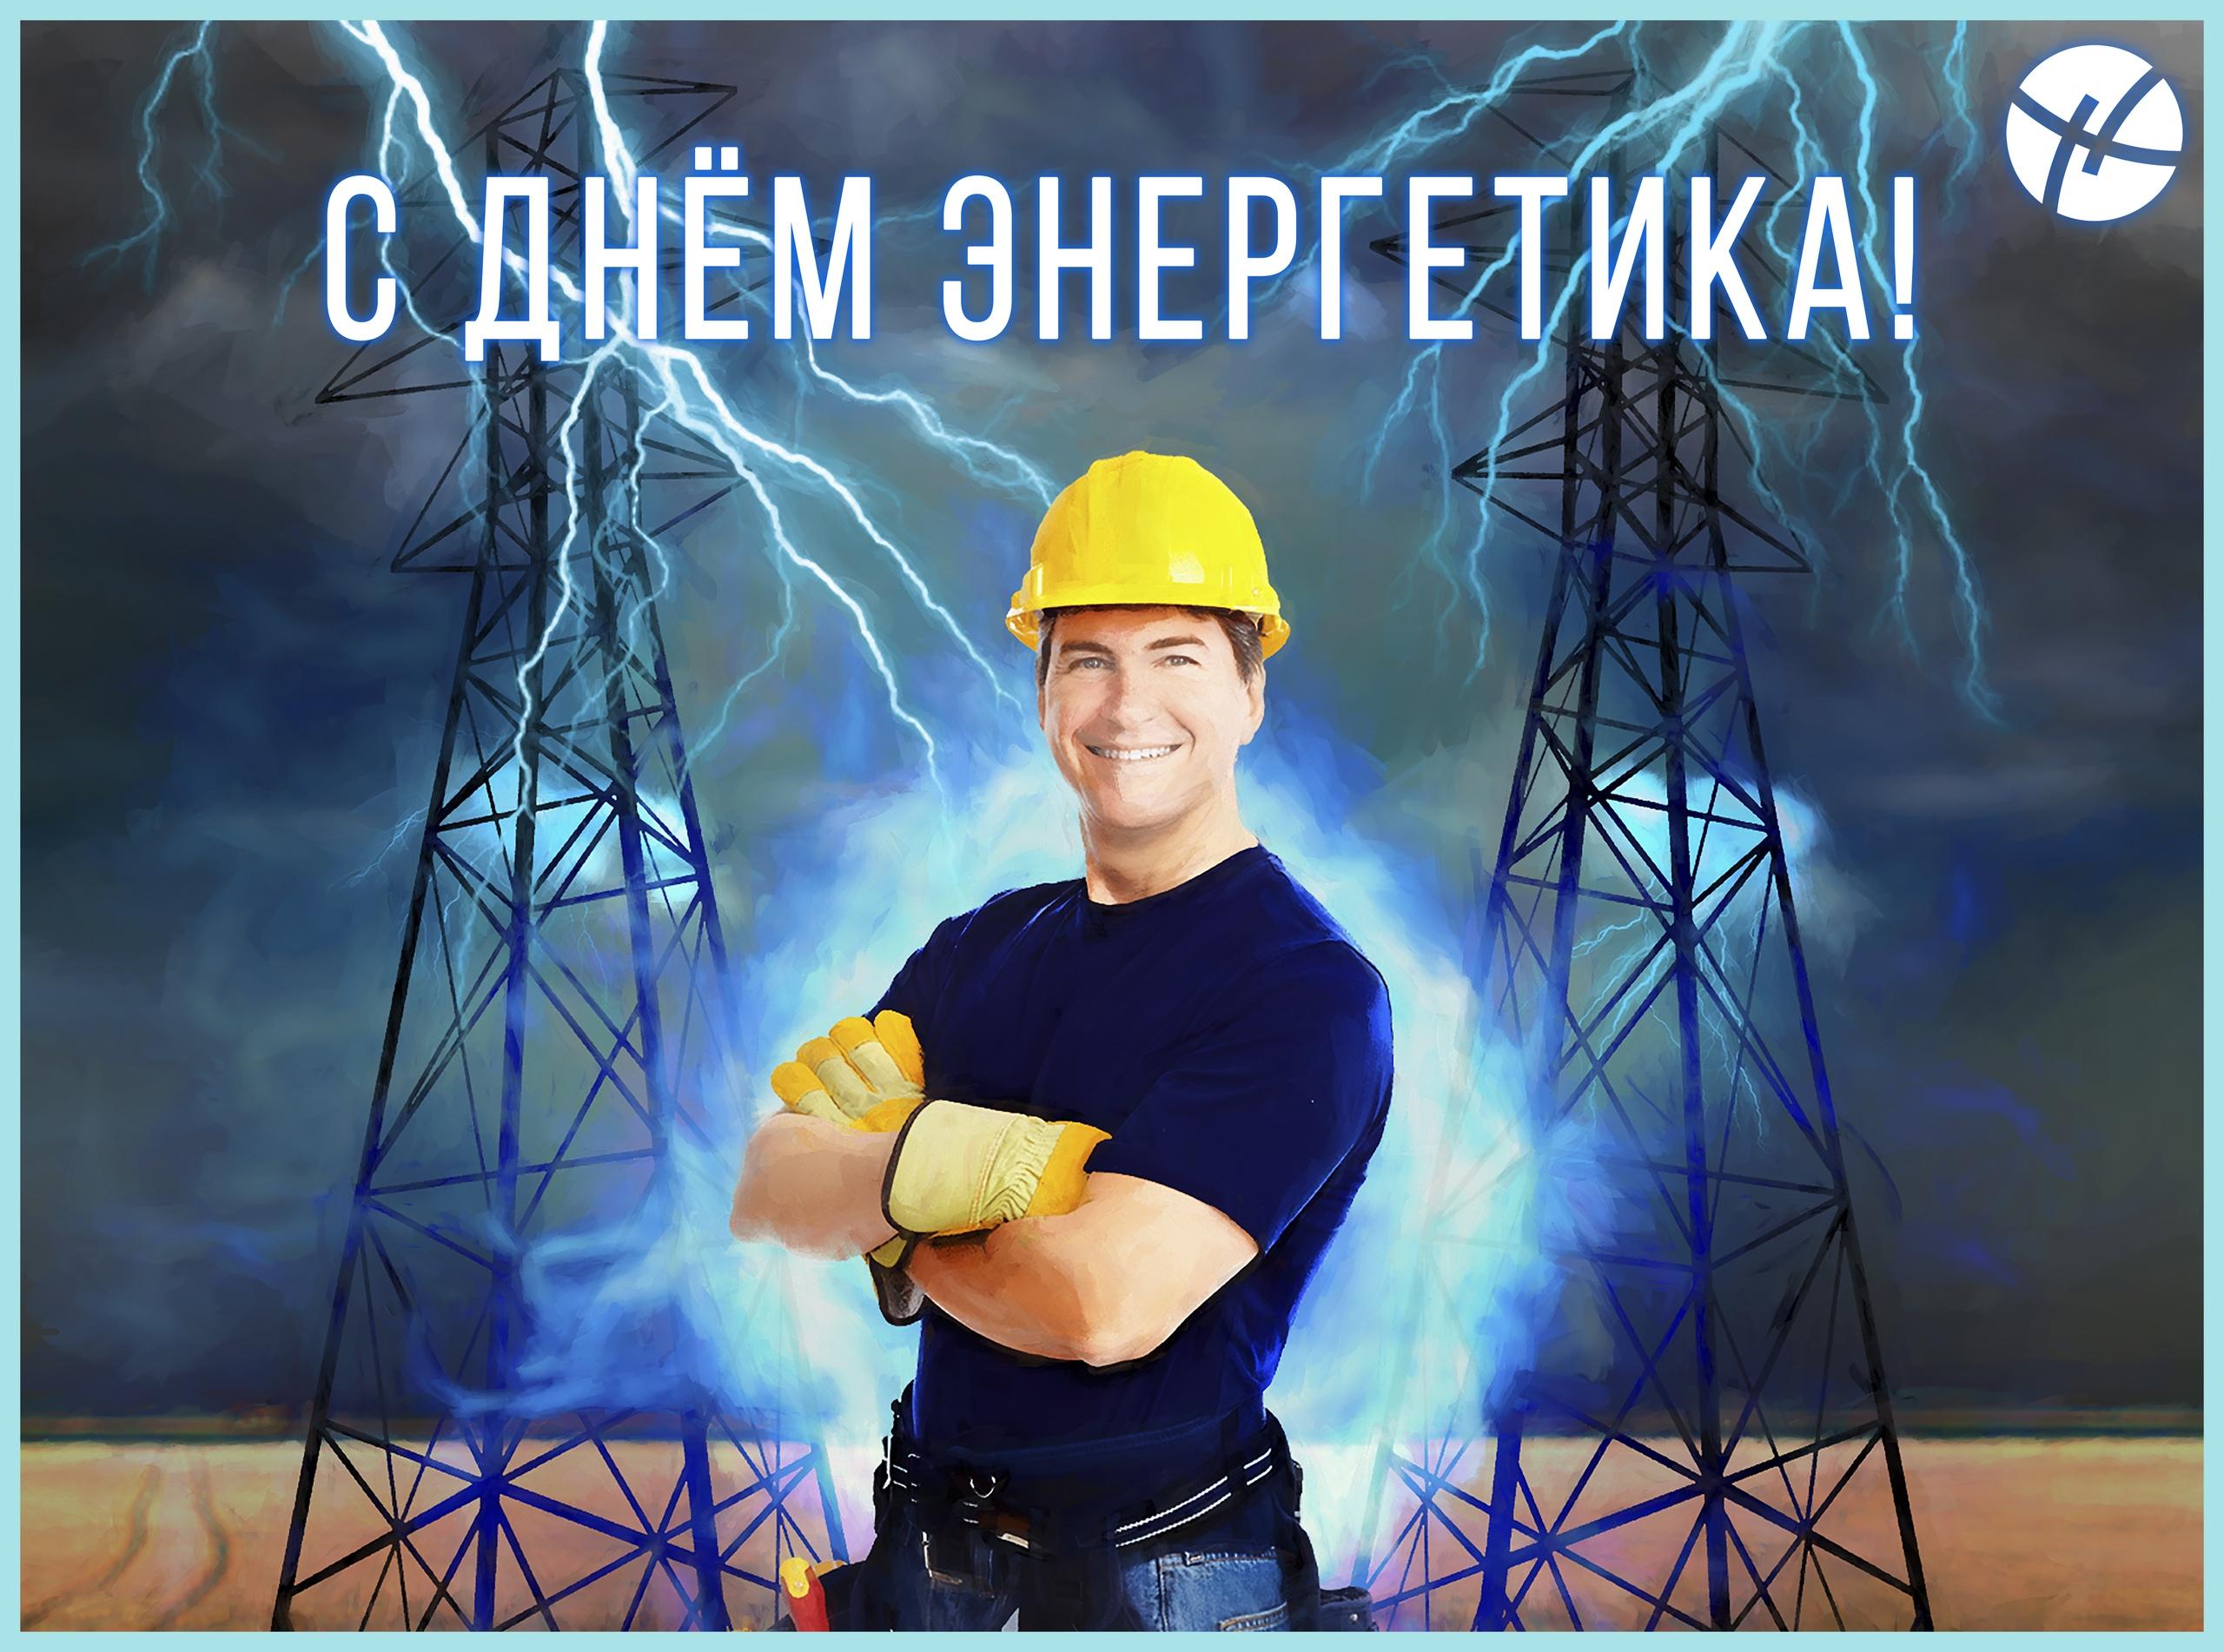 День спорта в казахстане 2017 отмечается